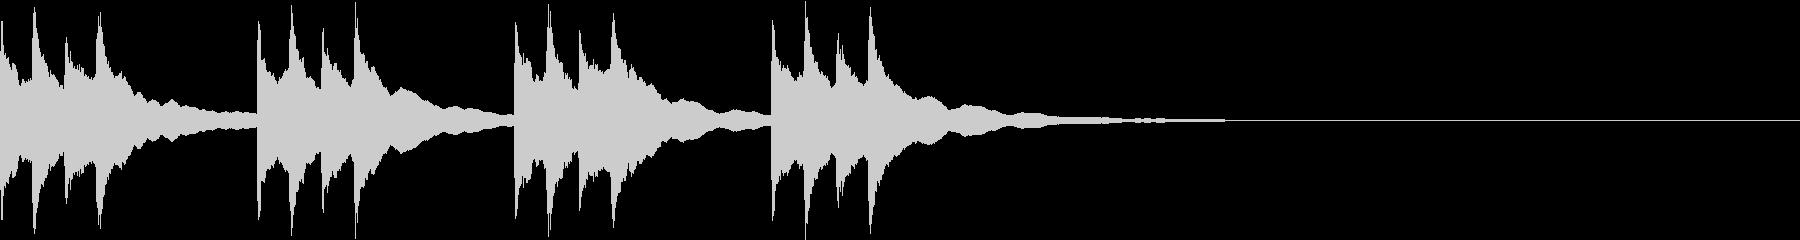 パソコンの警告音の未再生の波形